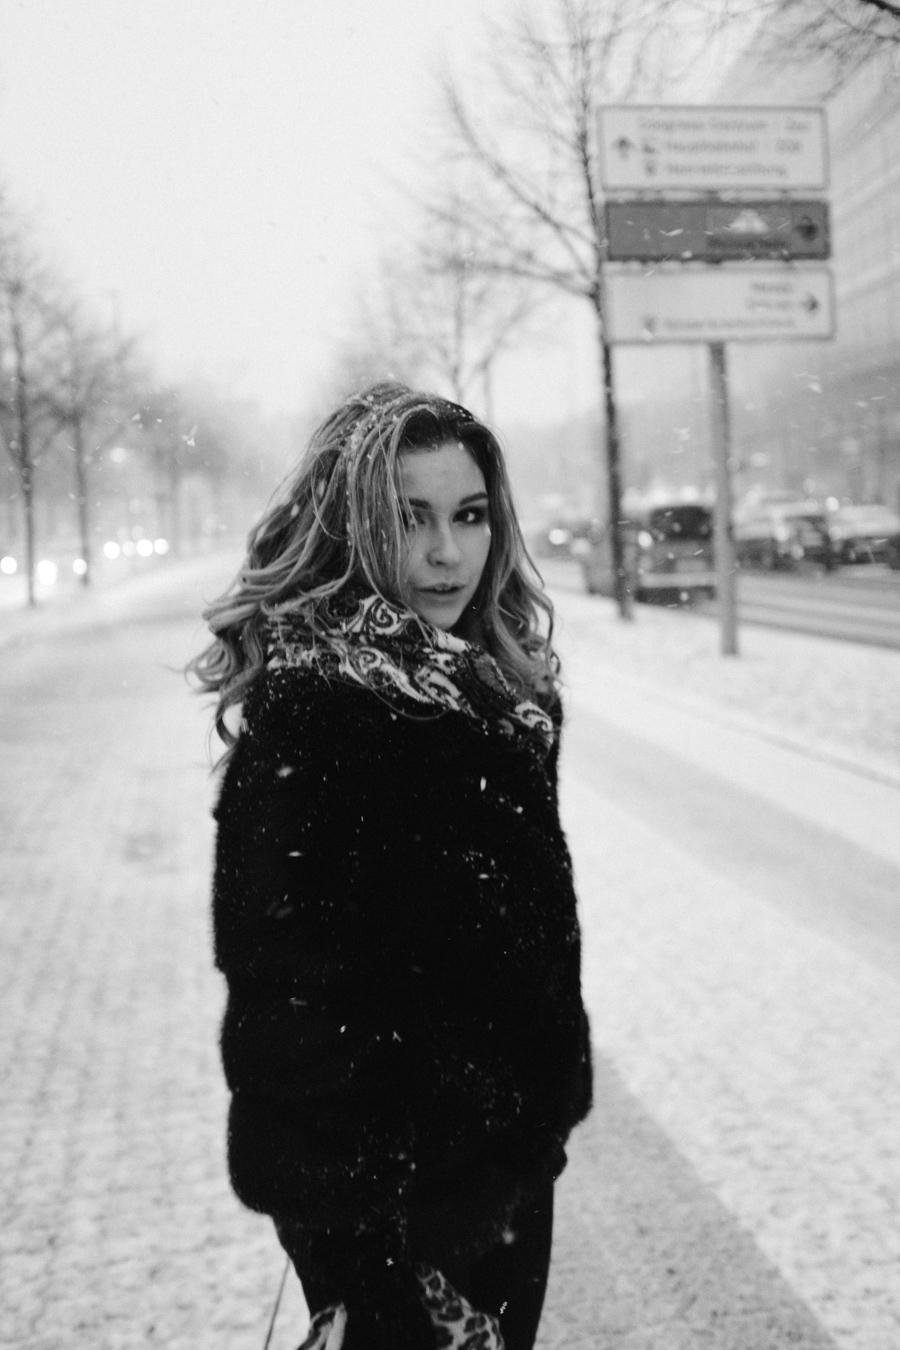 model_shooting-hannover_Nord_LB_fotograf_hamburg_Filipp_Romanoivslkij (1 von 15)